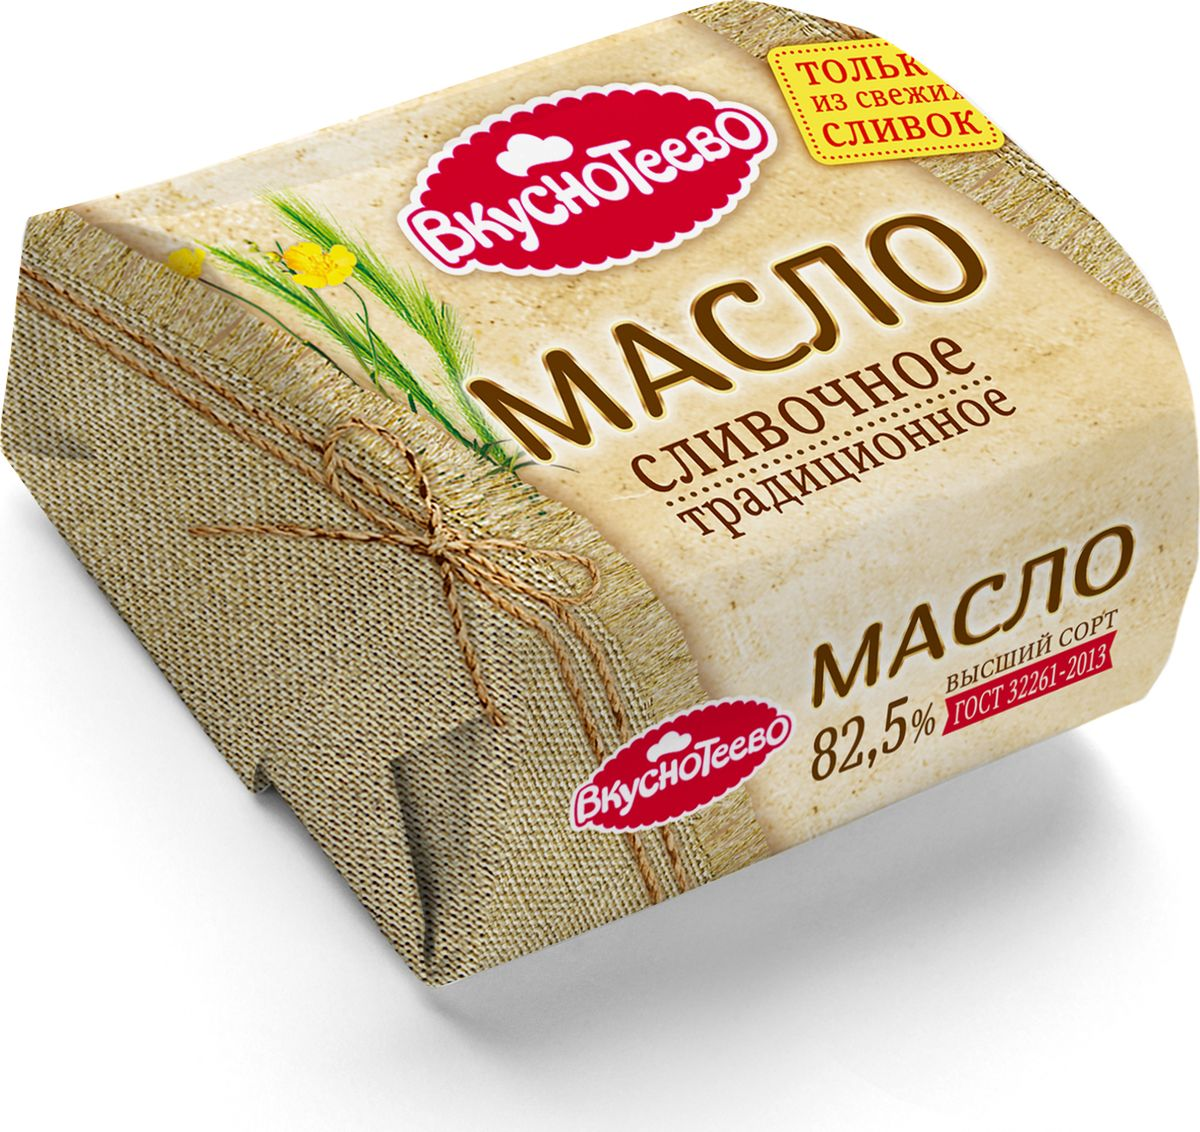 Вкуснотеево Масло сливочное традиционное 82,5%, 200 г90136Масло Вкуснотеево вырабатывается в соответствии с ГОСТом из свежих высококачественных сливок и является 100% натуральным продуктом. Масло производится без вкусовых добавок и имеет прекрасный нежный сливочный вкус!